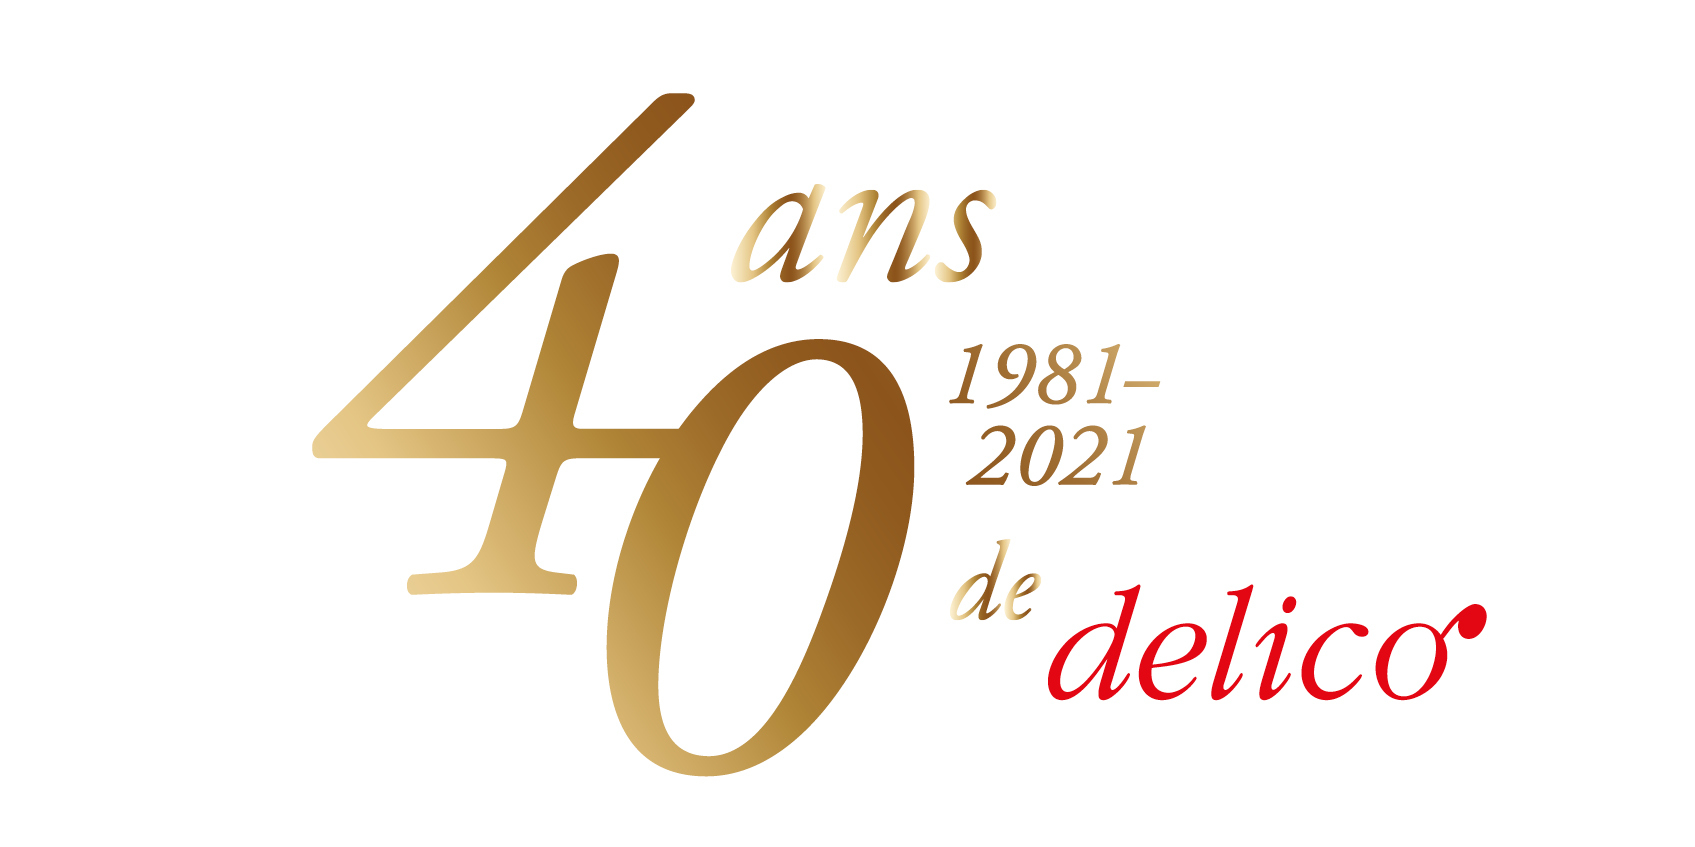 Nous fêtons notre 40e anniversaire!